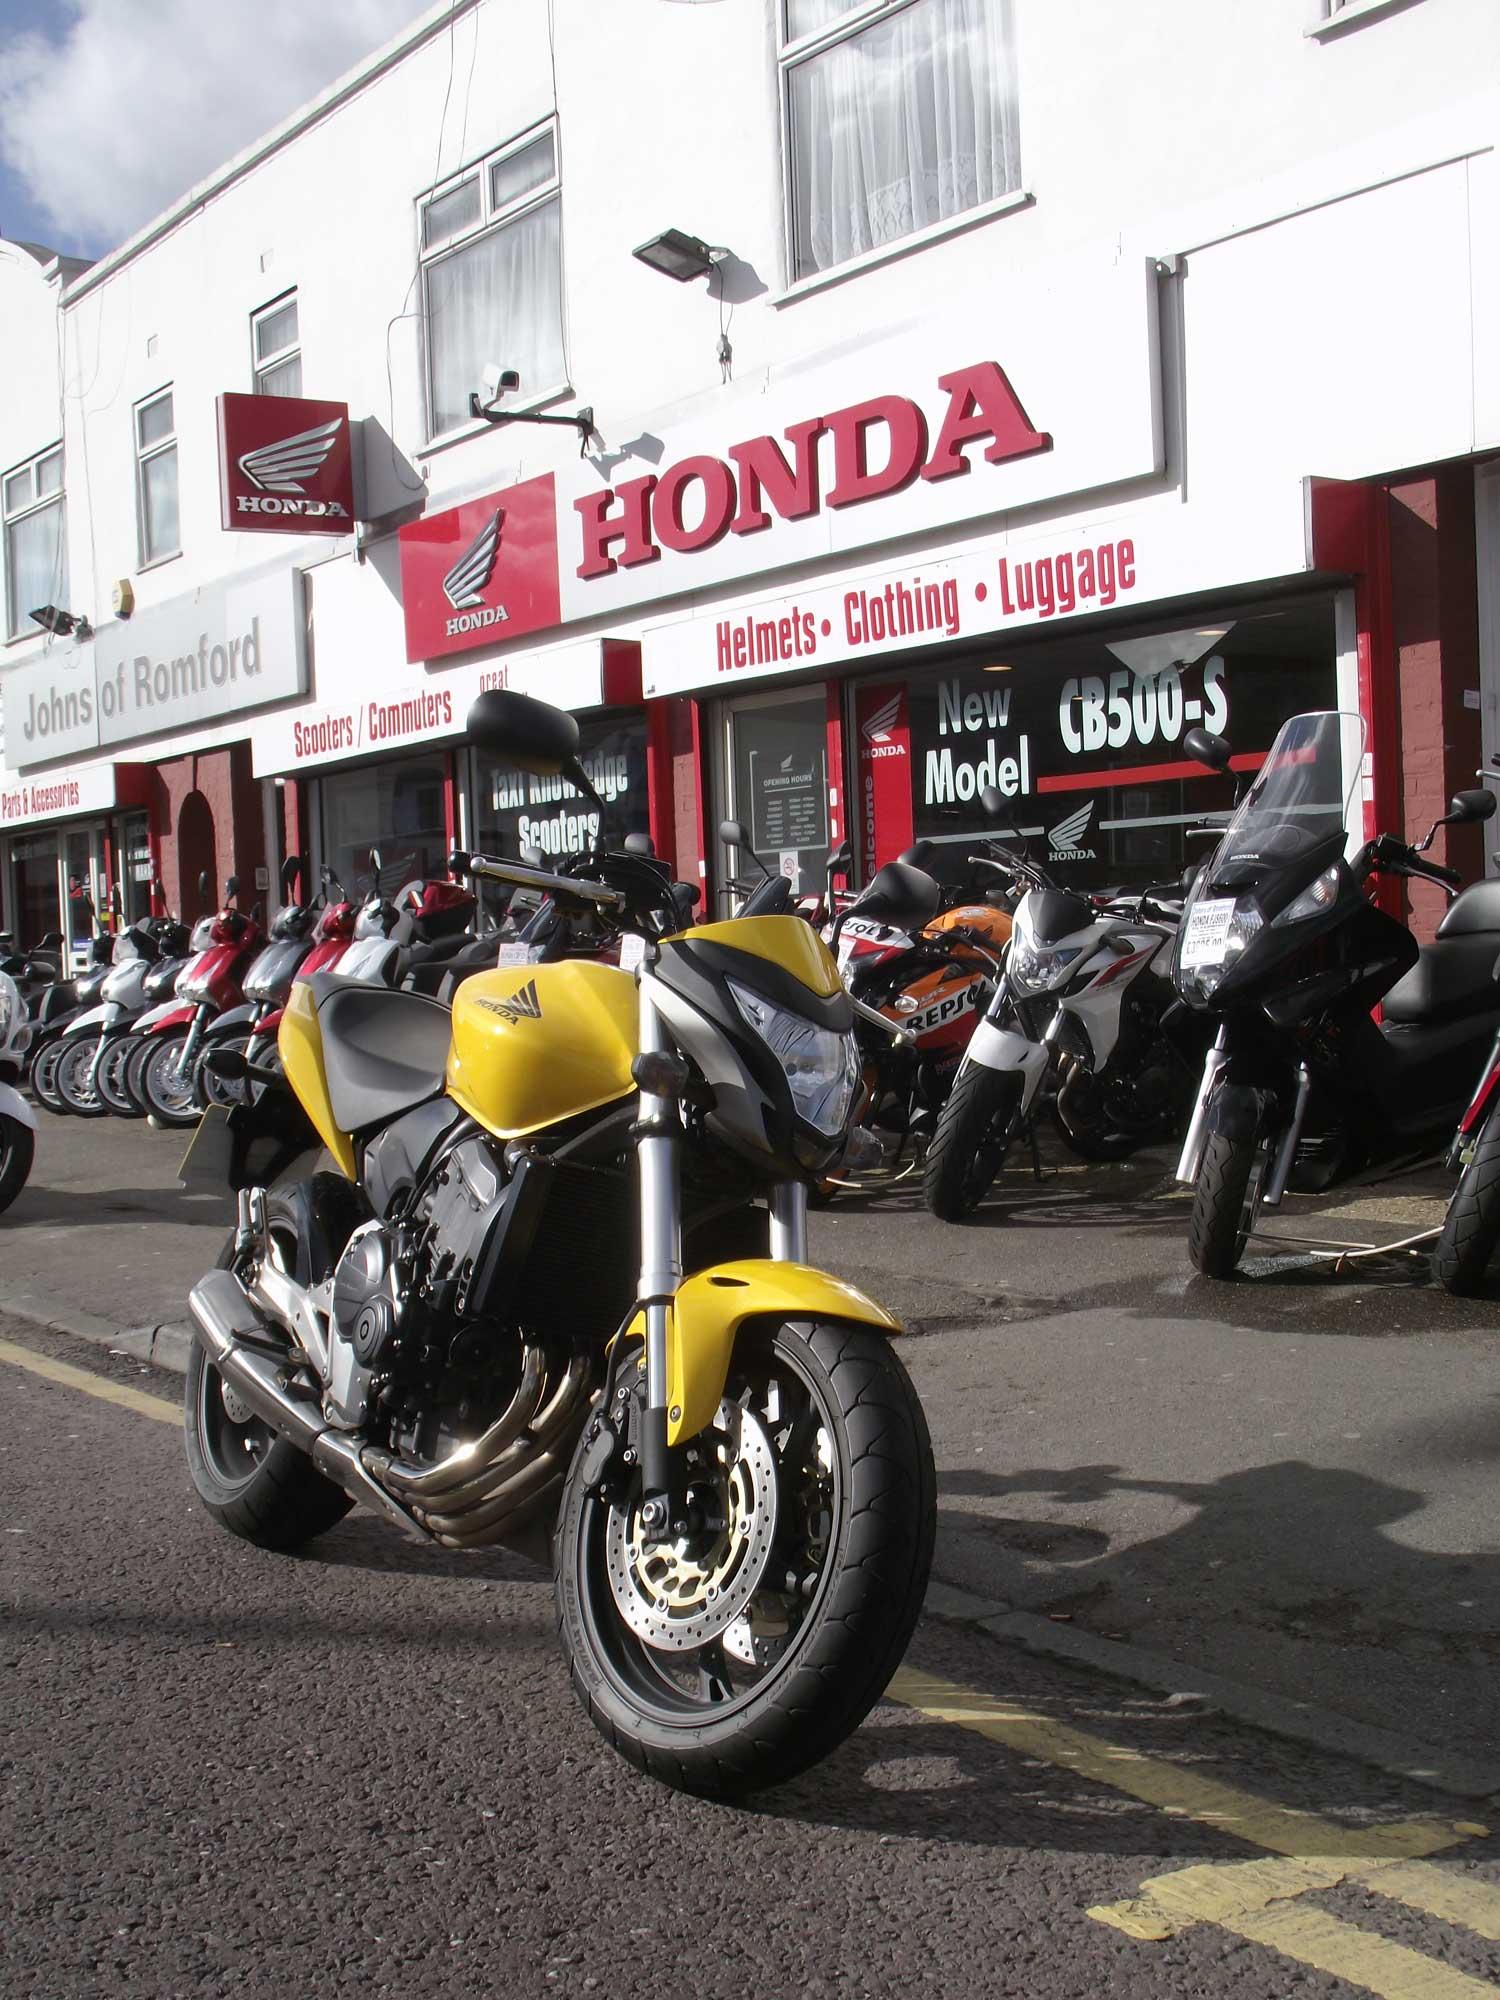 2012 Honda CB650F Hornet